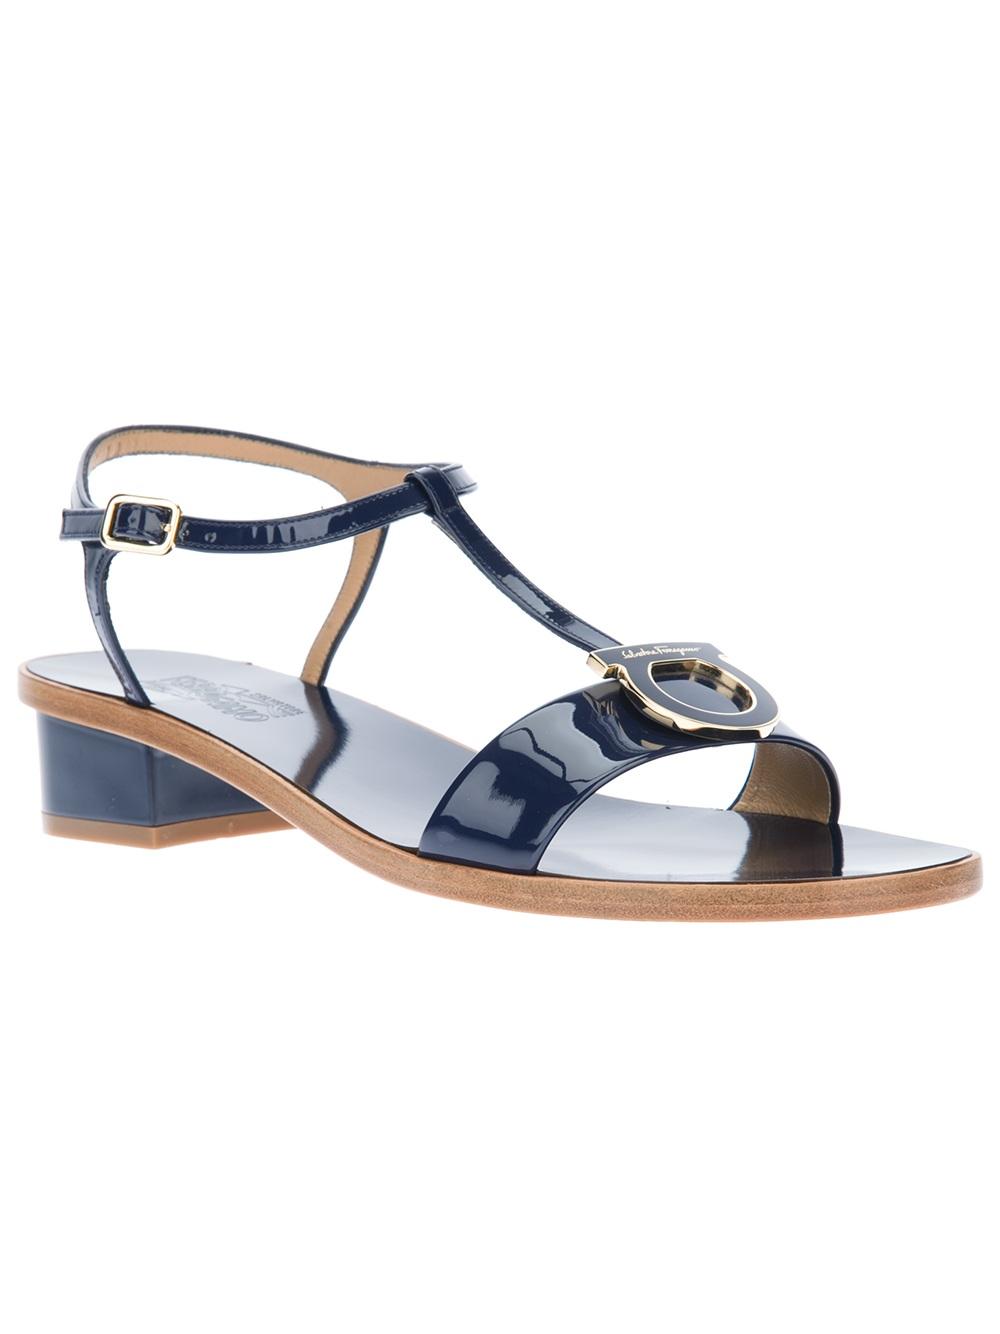 8bde903c7fd7 Lyst - Ferragamo Sirene Flat Sandal in Blue